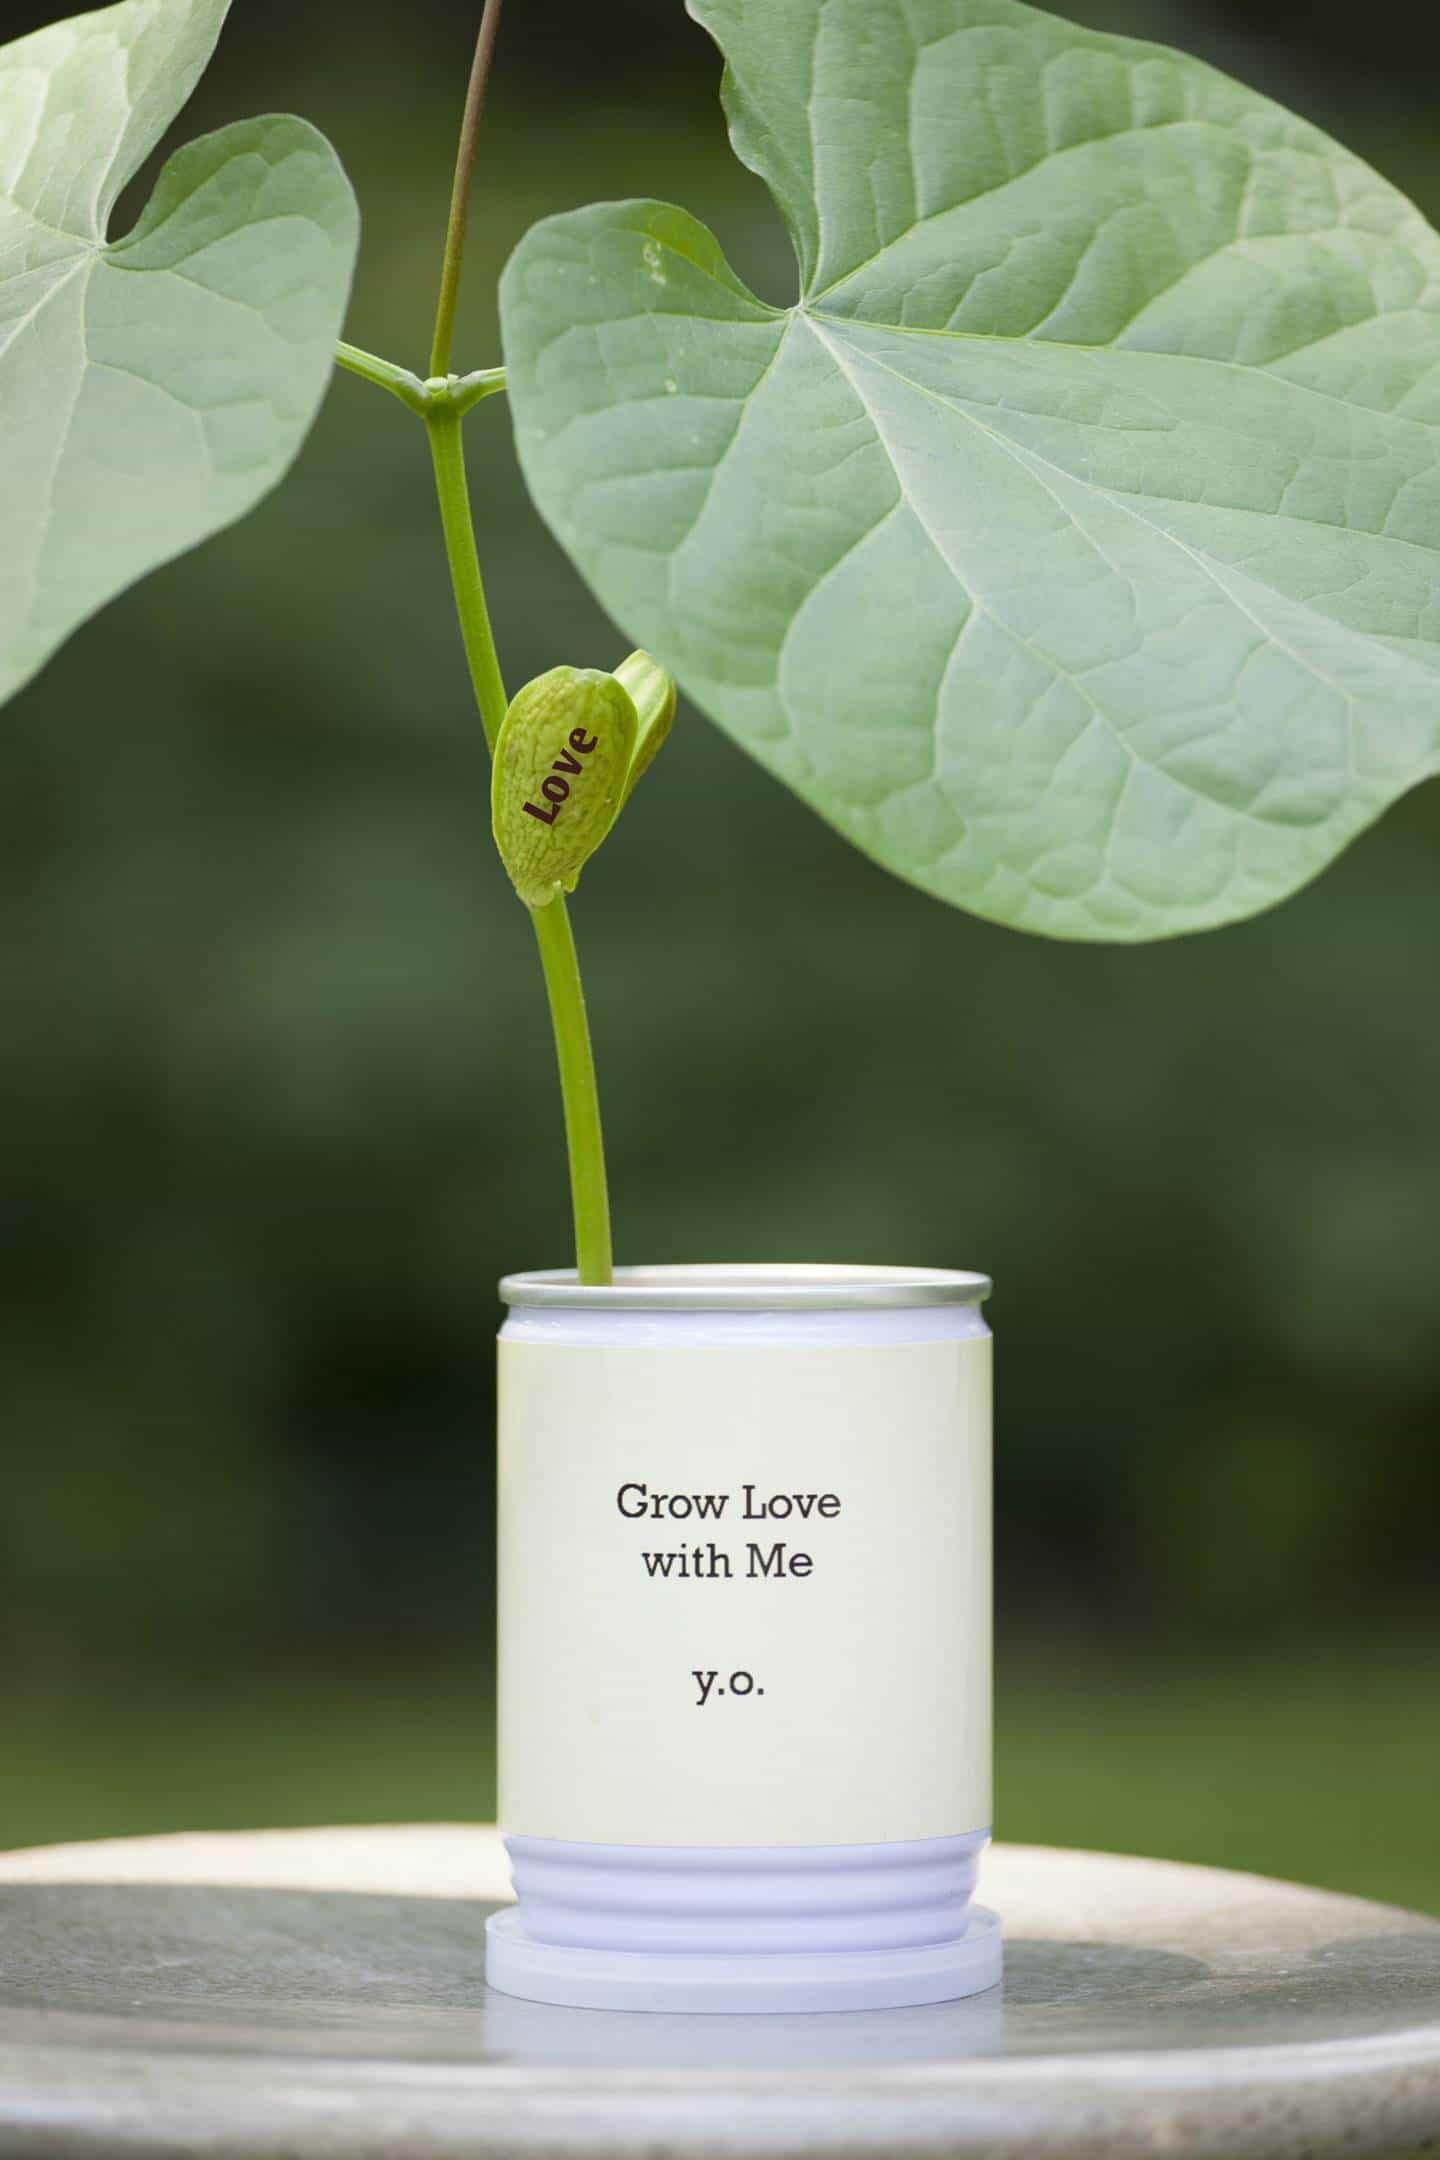 Grow-Love-With-Me.jpg